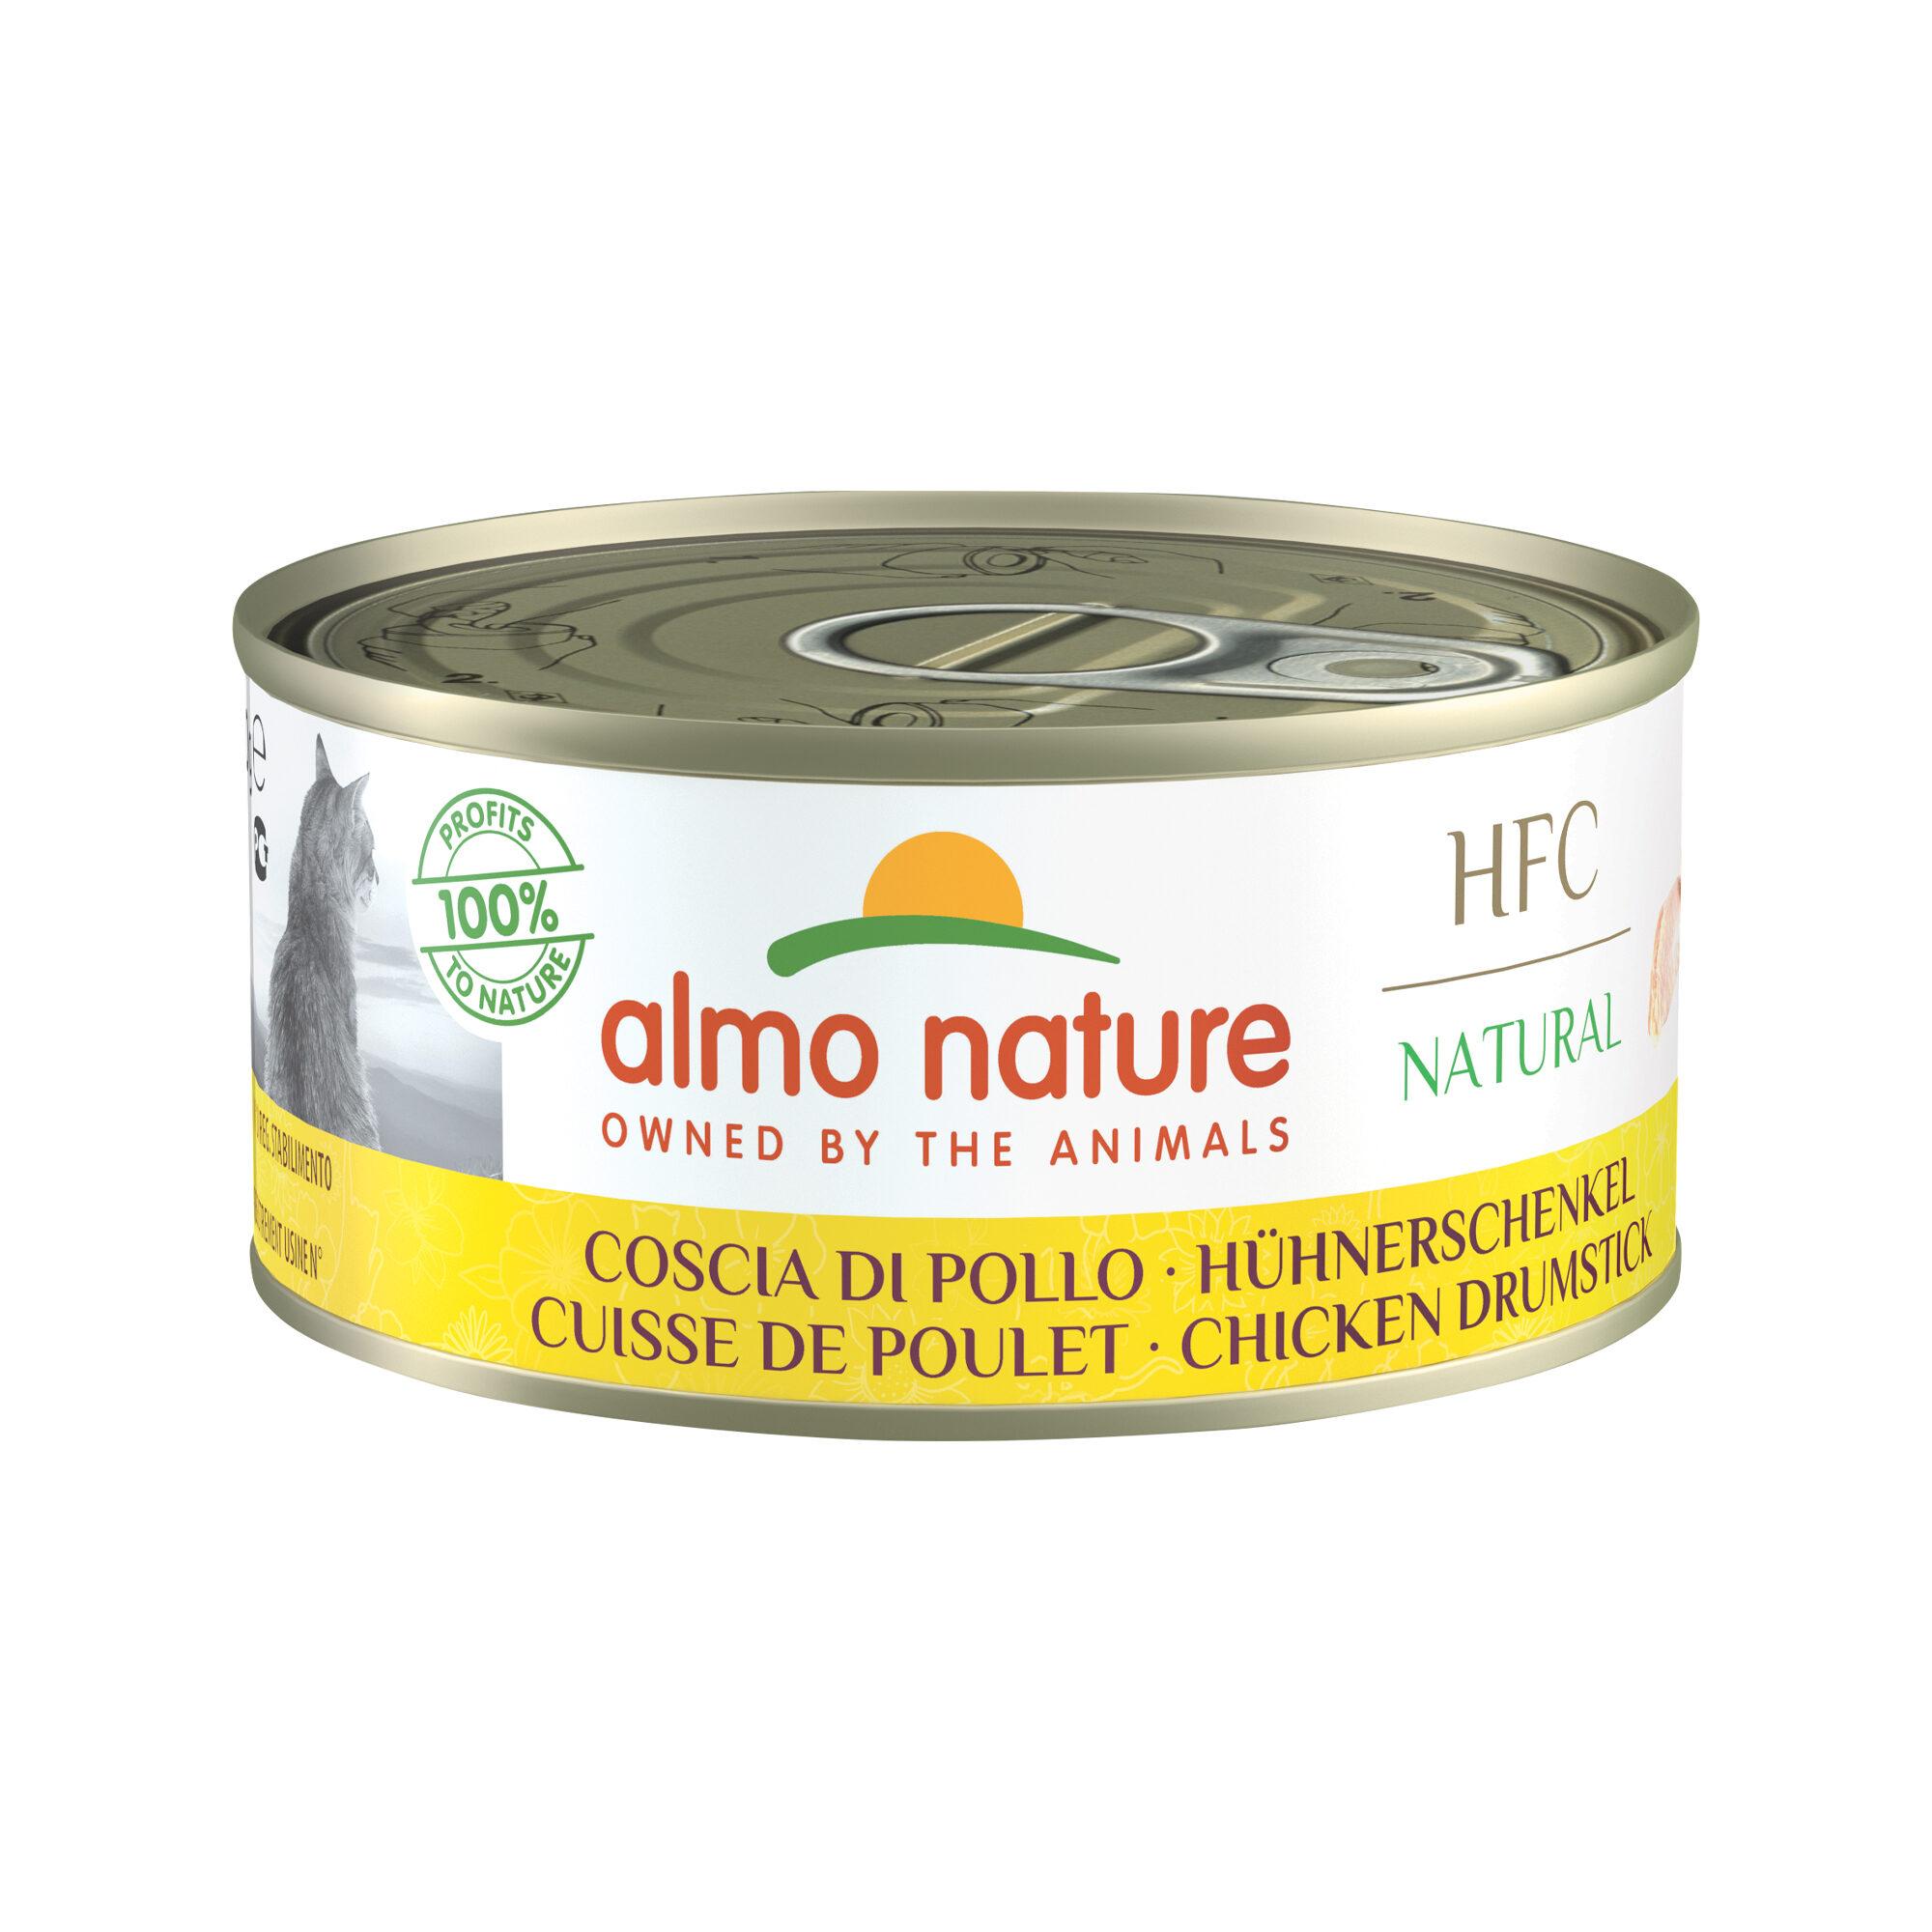 Almo Nature HFC 150 Natural Alimentation pour chat - Pilon de poulet - 24 x 150 g